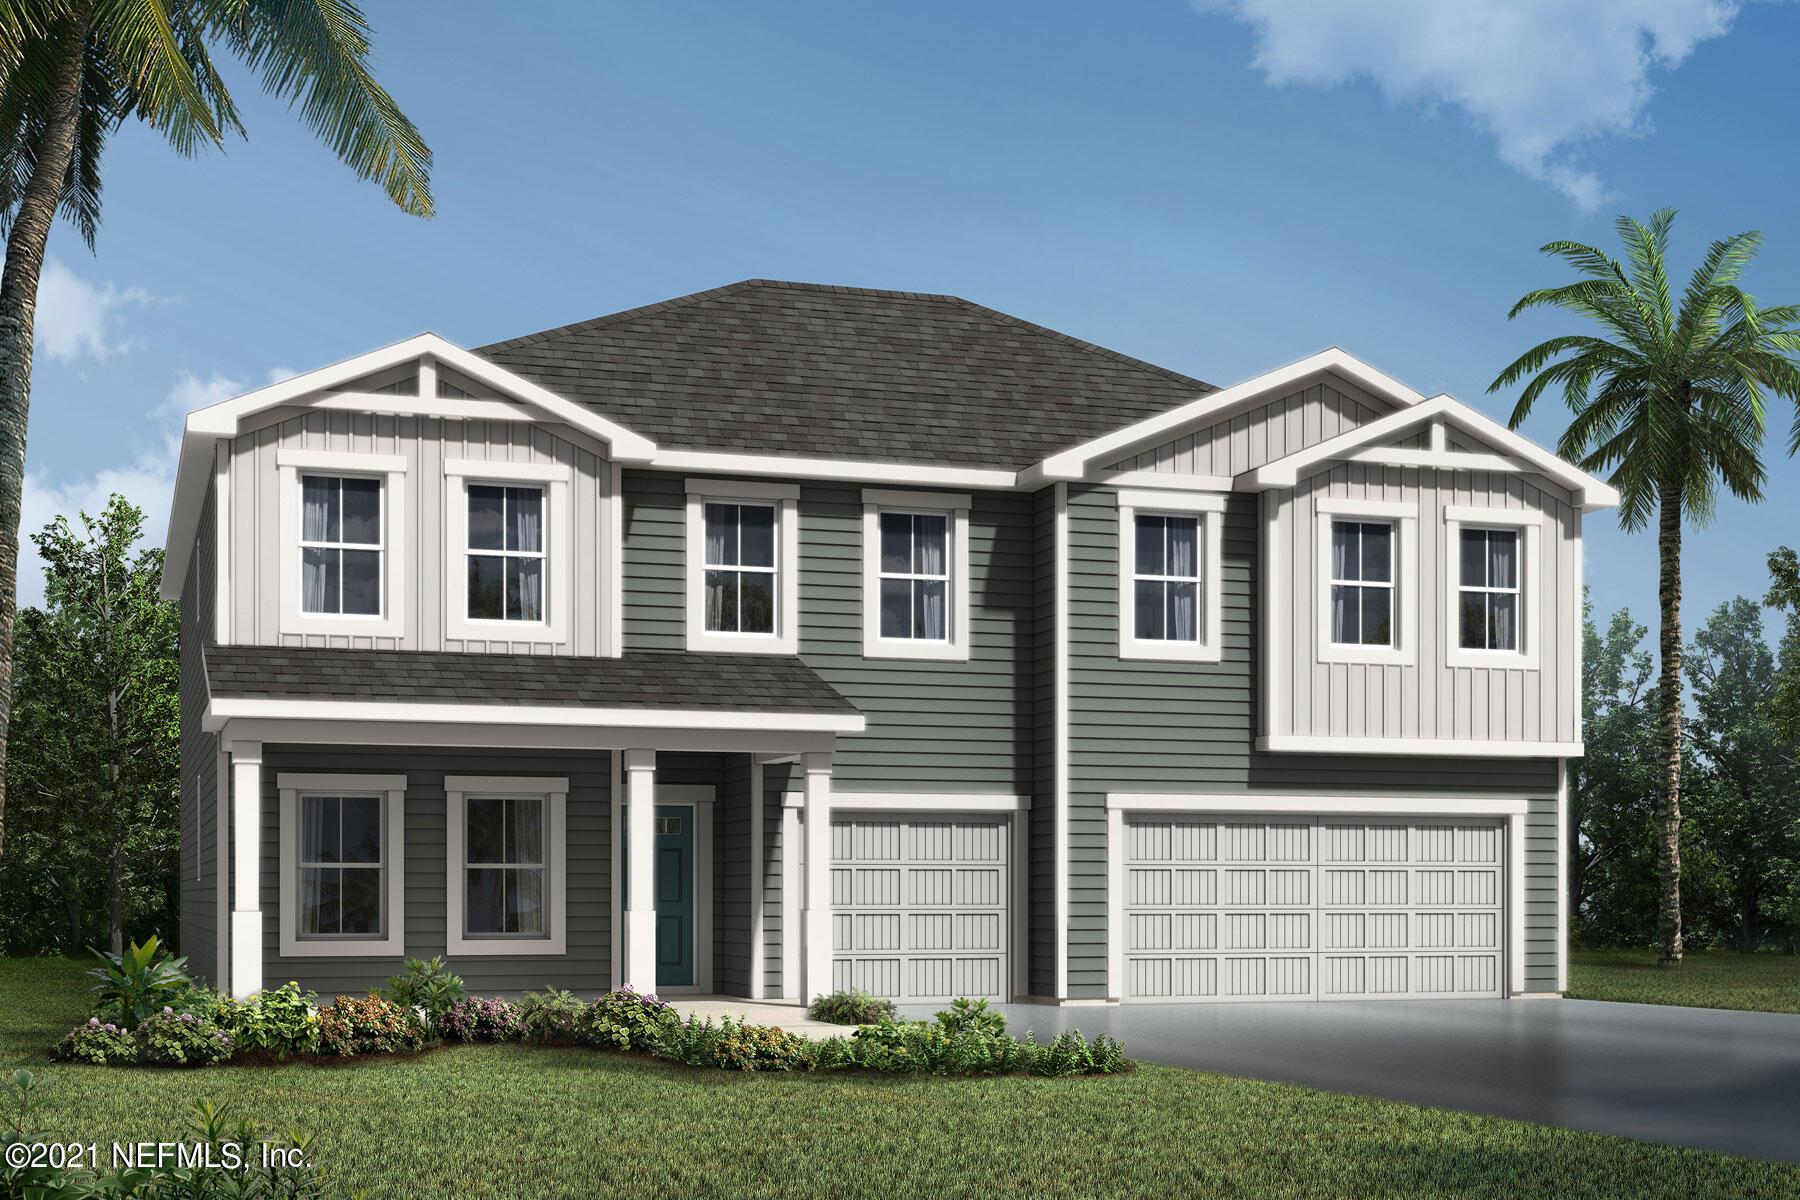 104 Riva Ridge Pl St Johns, FL 32259